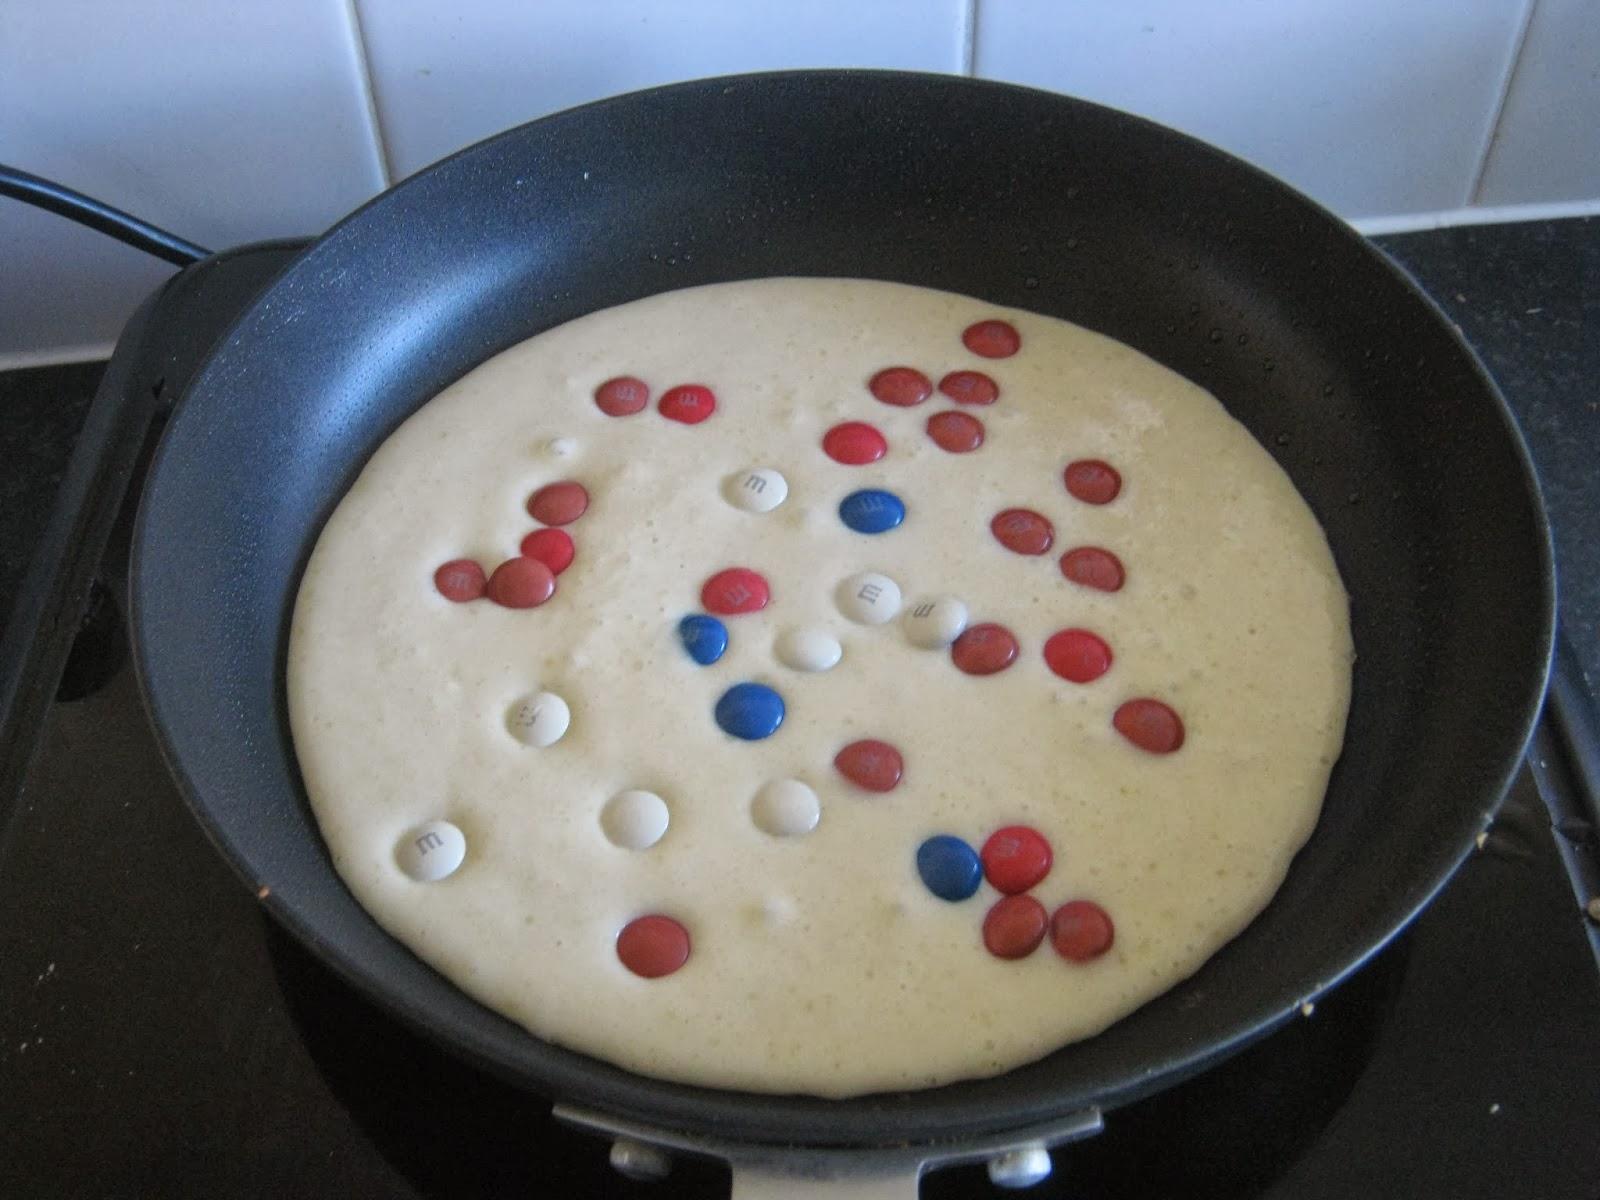 Cooking an M&Ms pancake